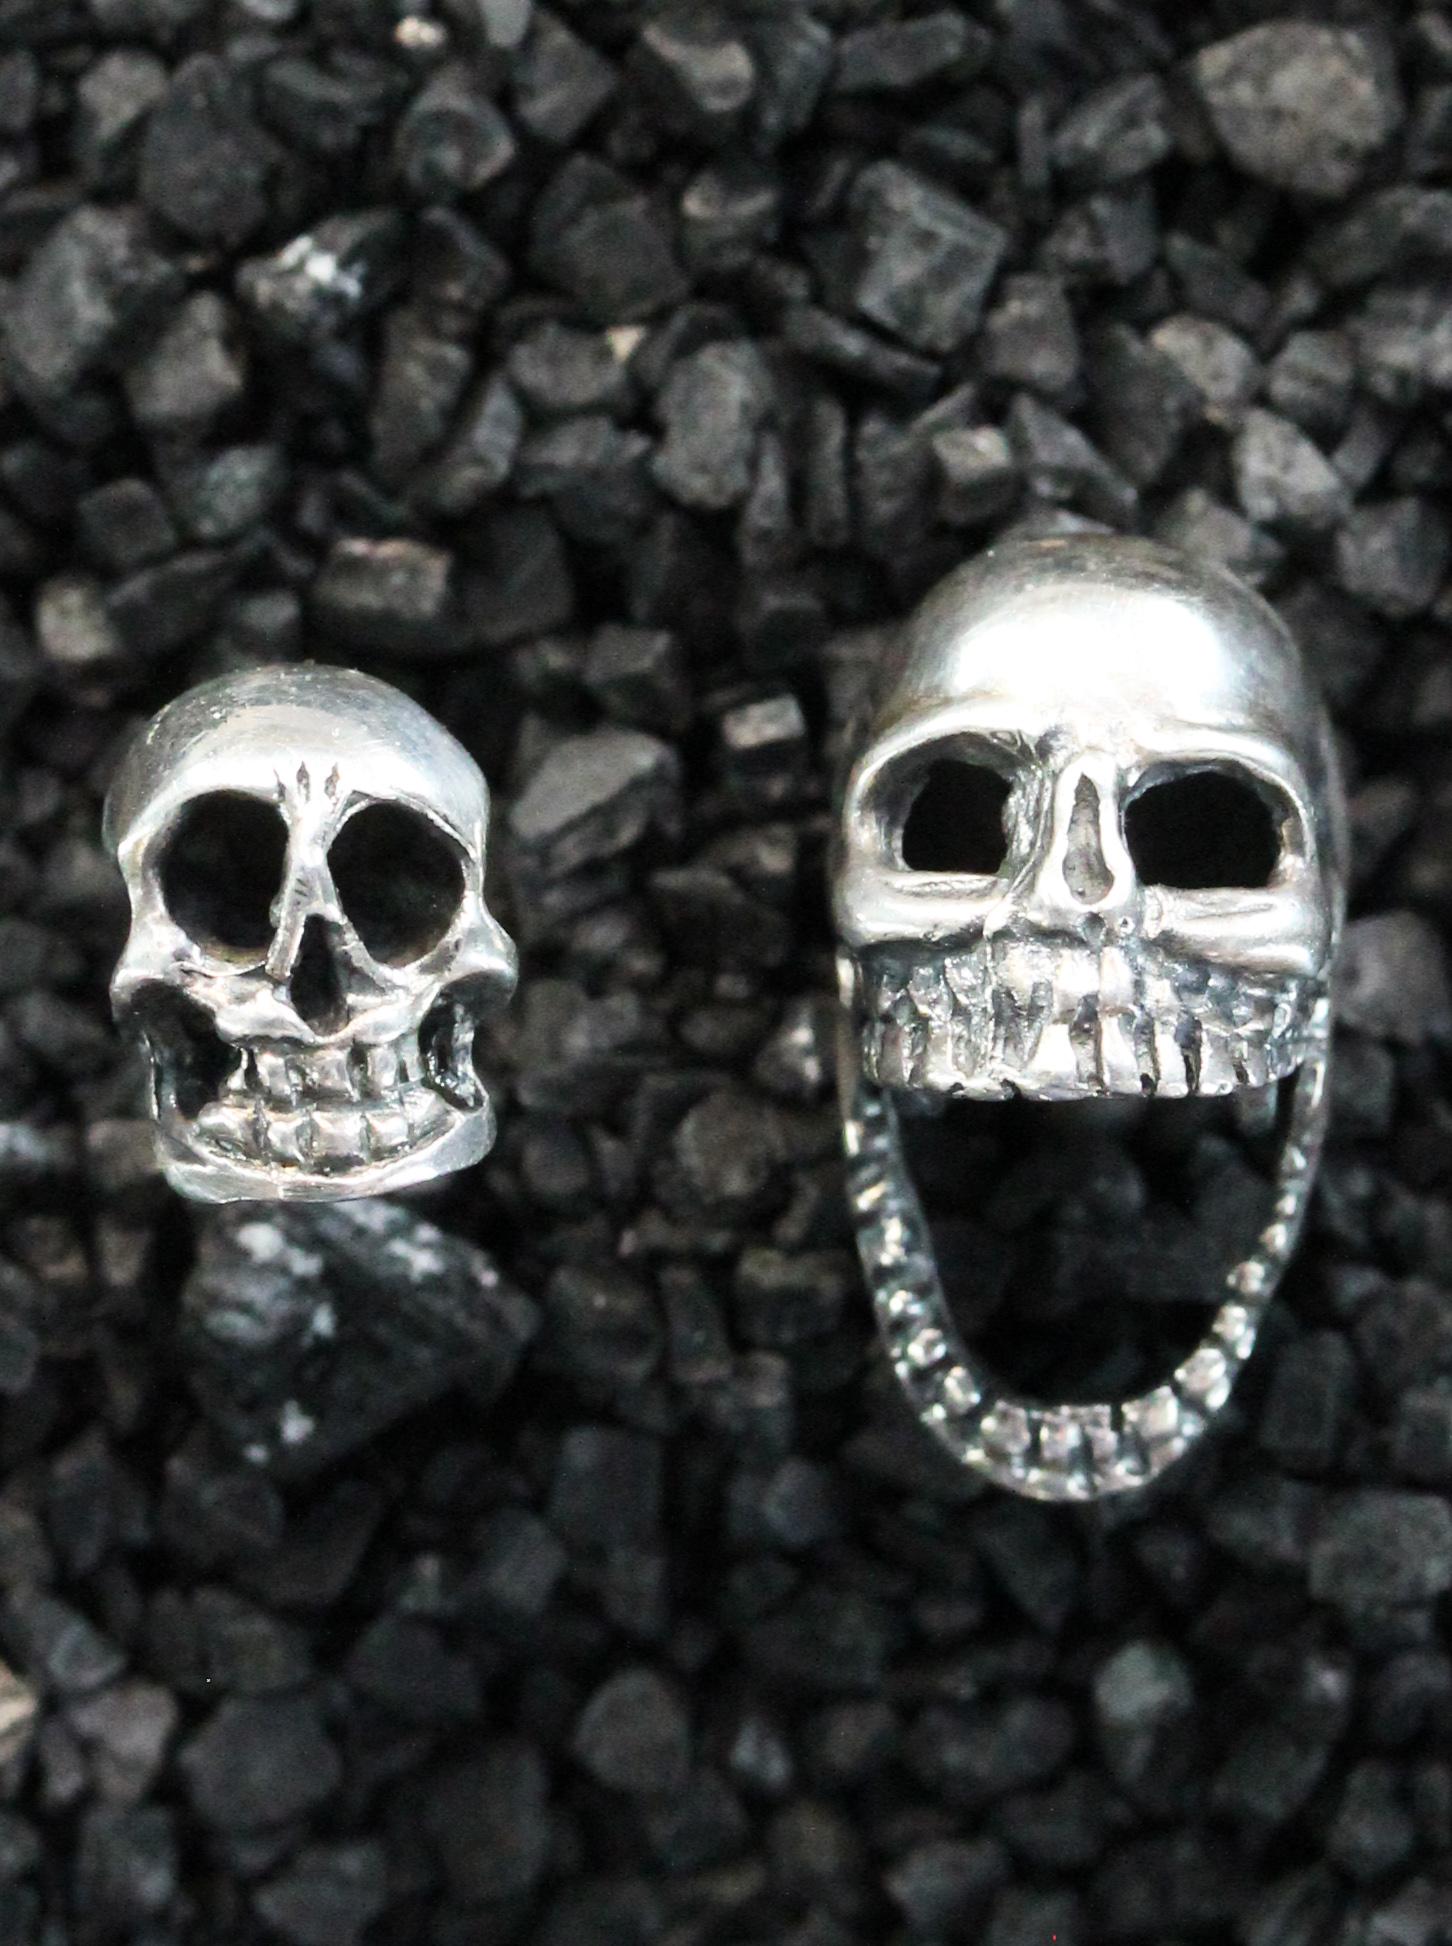 Antique silver skull cufflinks